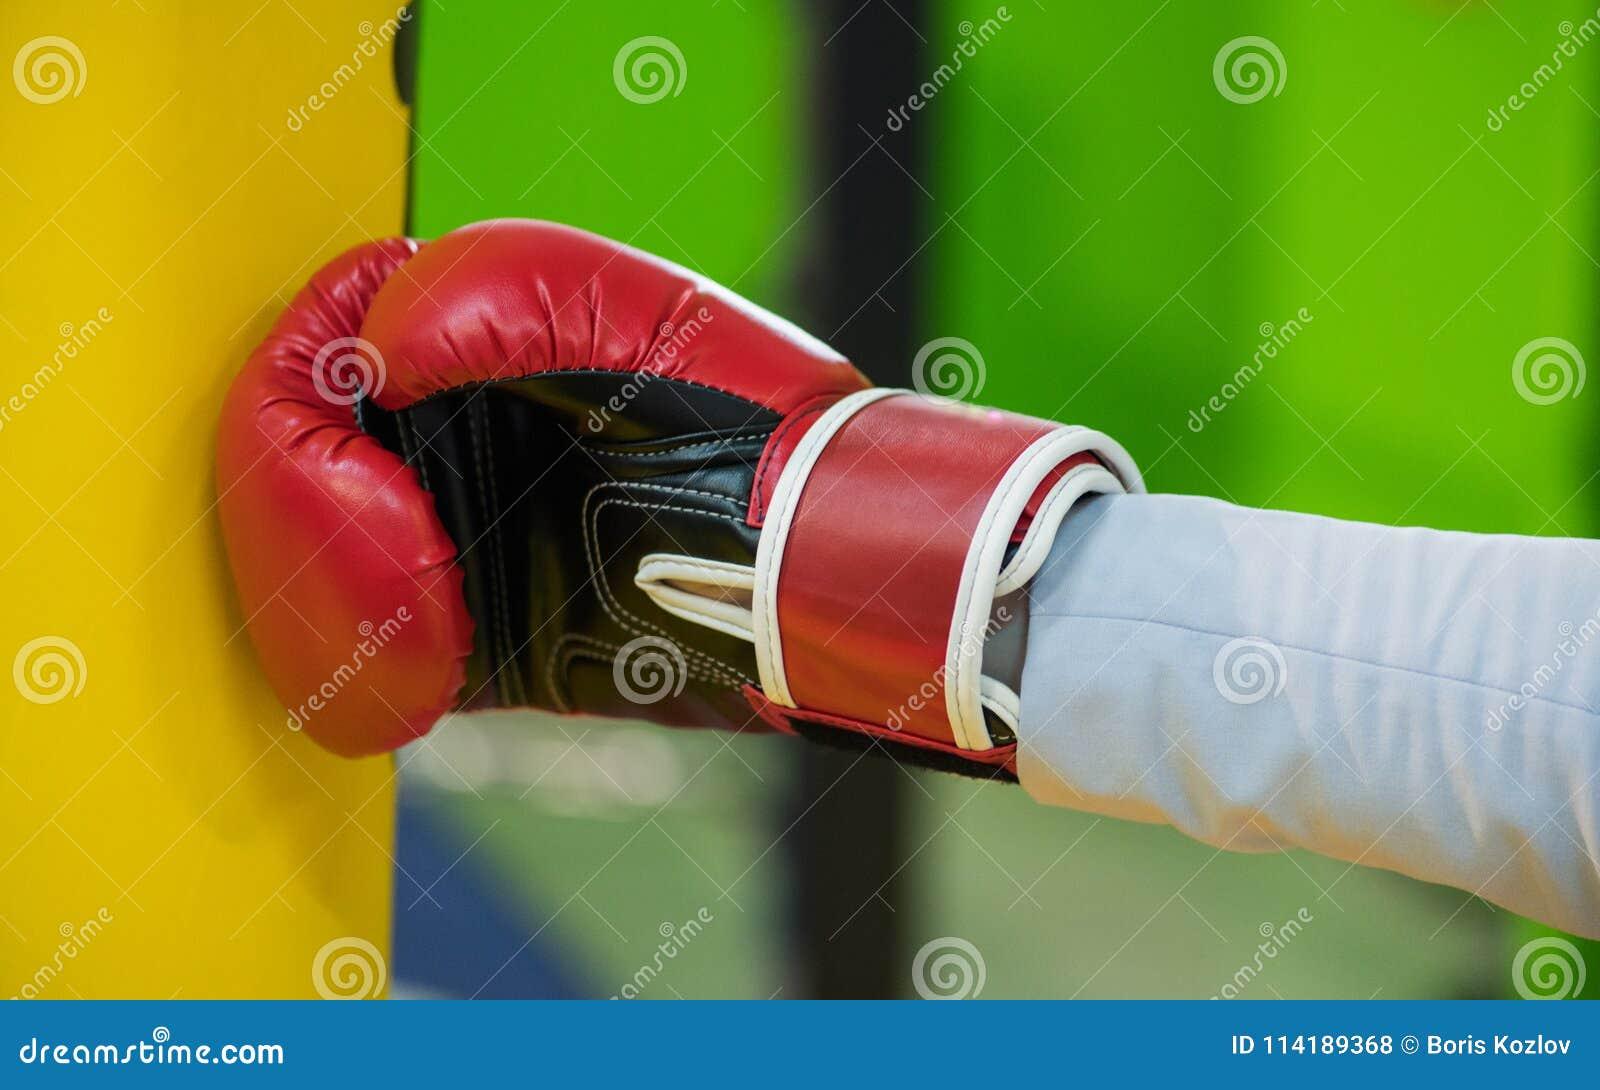 Czerep ręka w Bokserskiej czerwonej rękawiczce uderza żółtej bonkrety, a